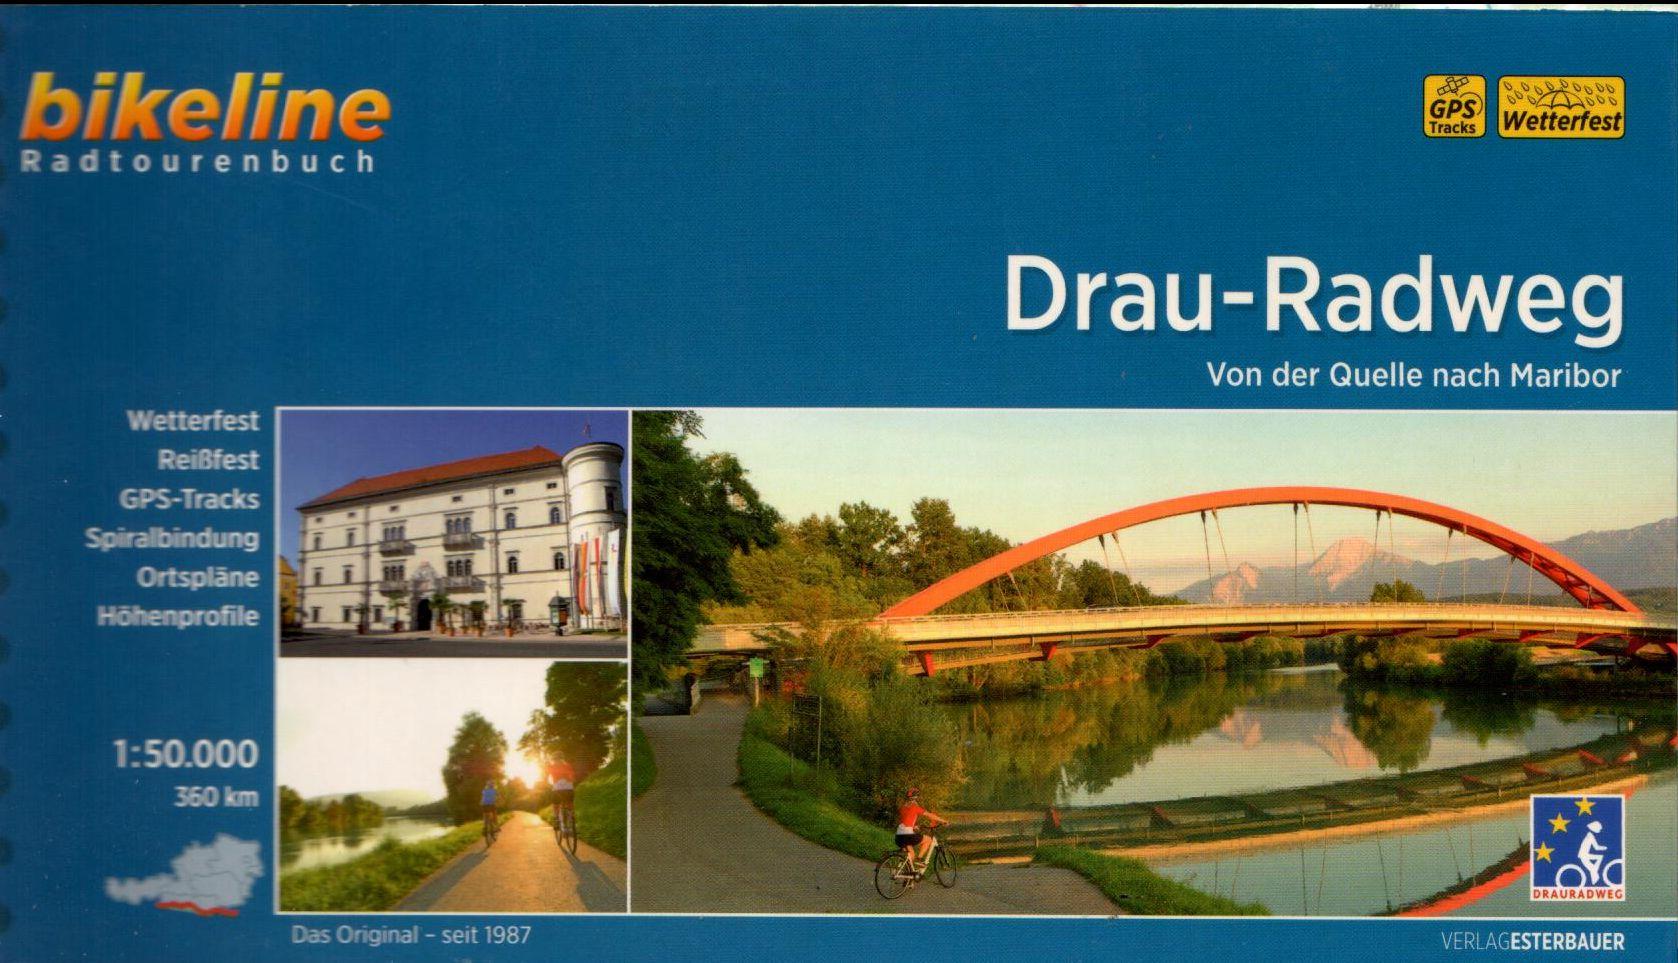 Spirál kötésű, 12 x 23 cm-es német nyelvű térképes utikönyv a Dráva forrásától Mariborig